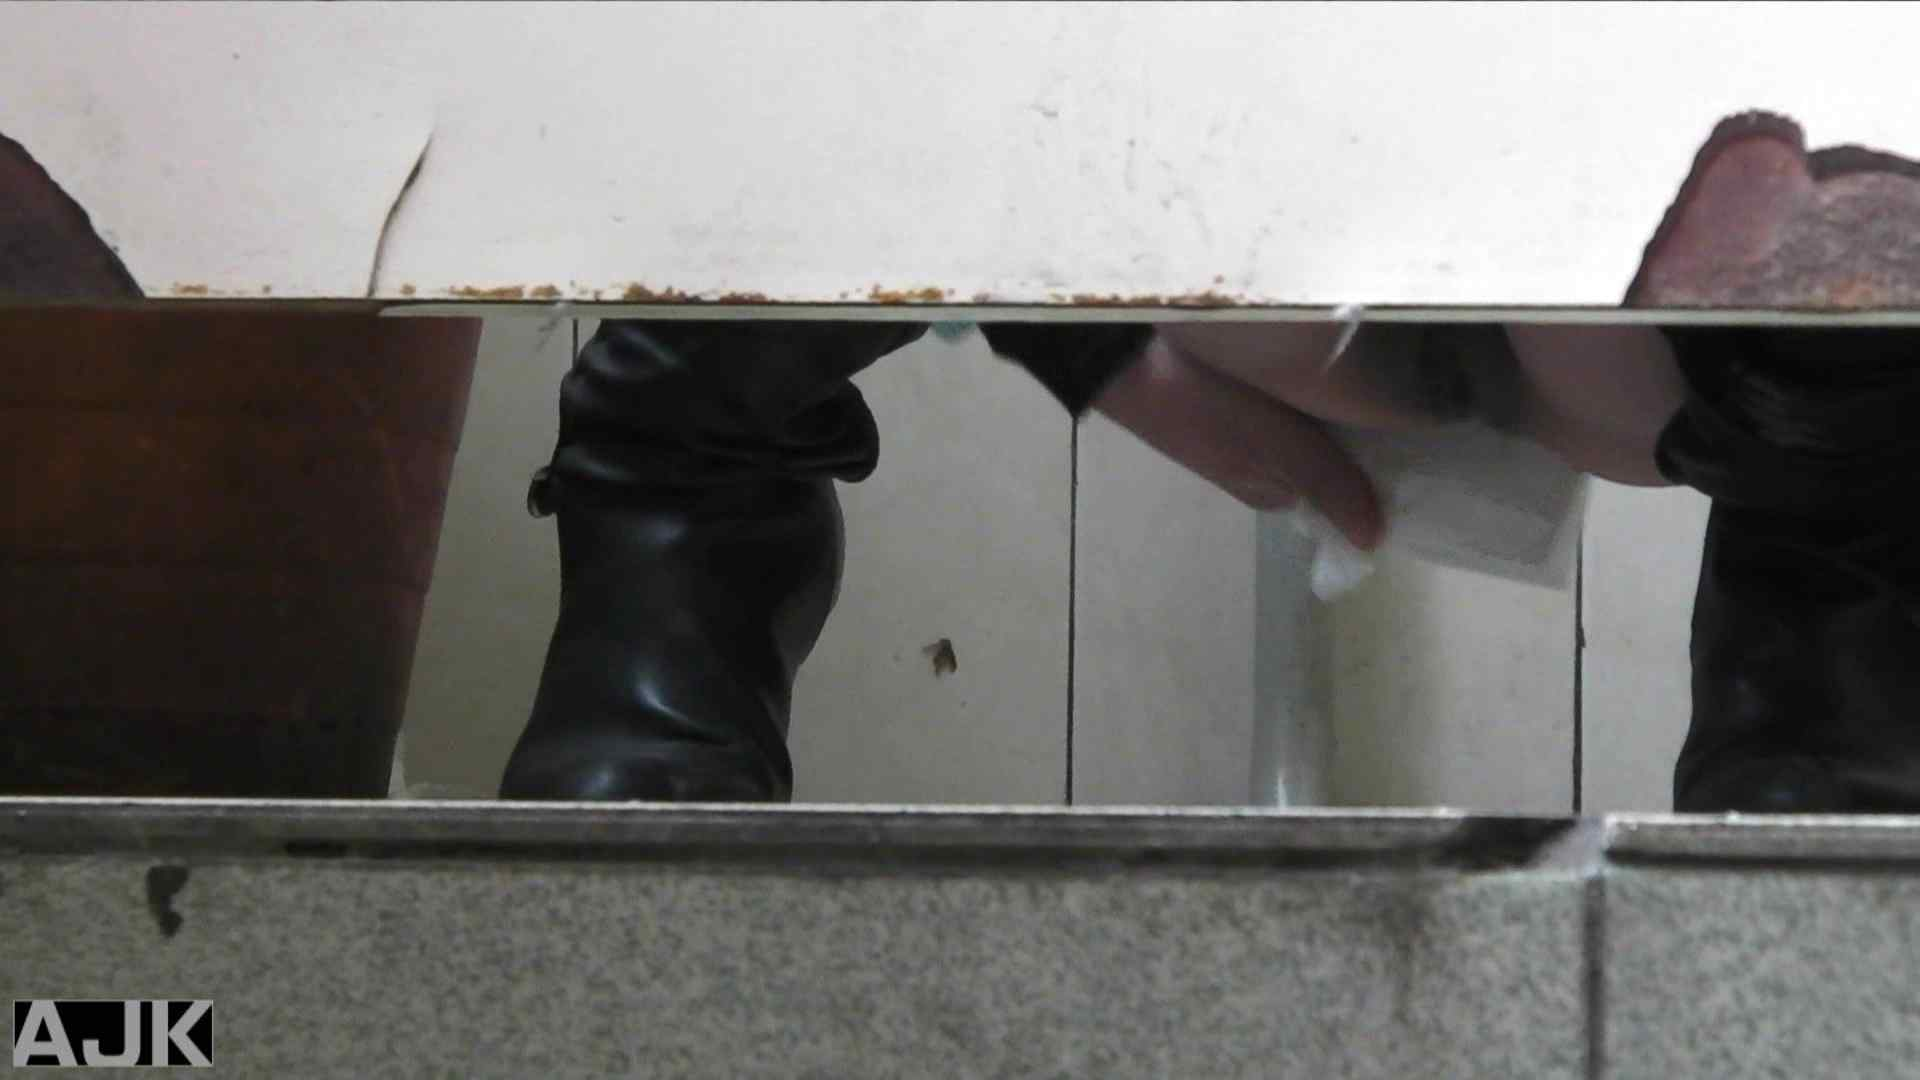 隣国上階級エリアの令嬢たちが集うデパートお手洗い Vol.07 便器 | おまんこ  111枚 23